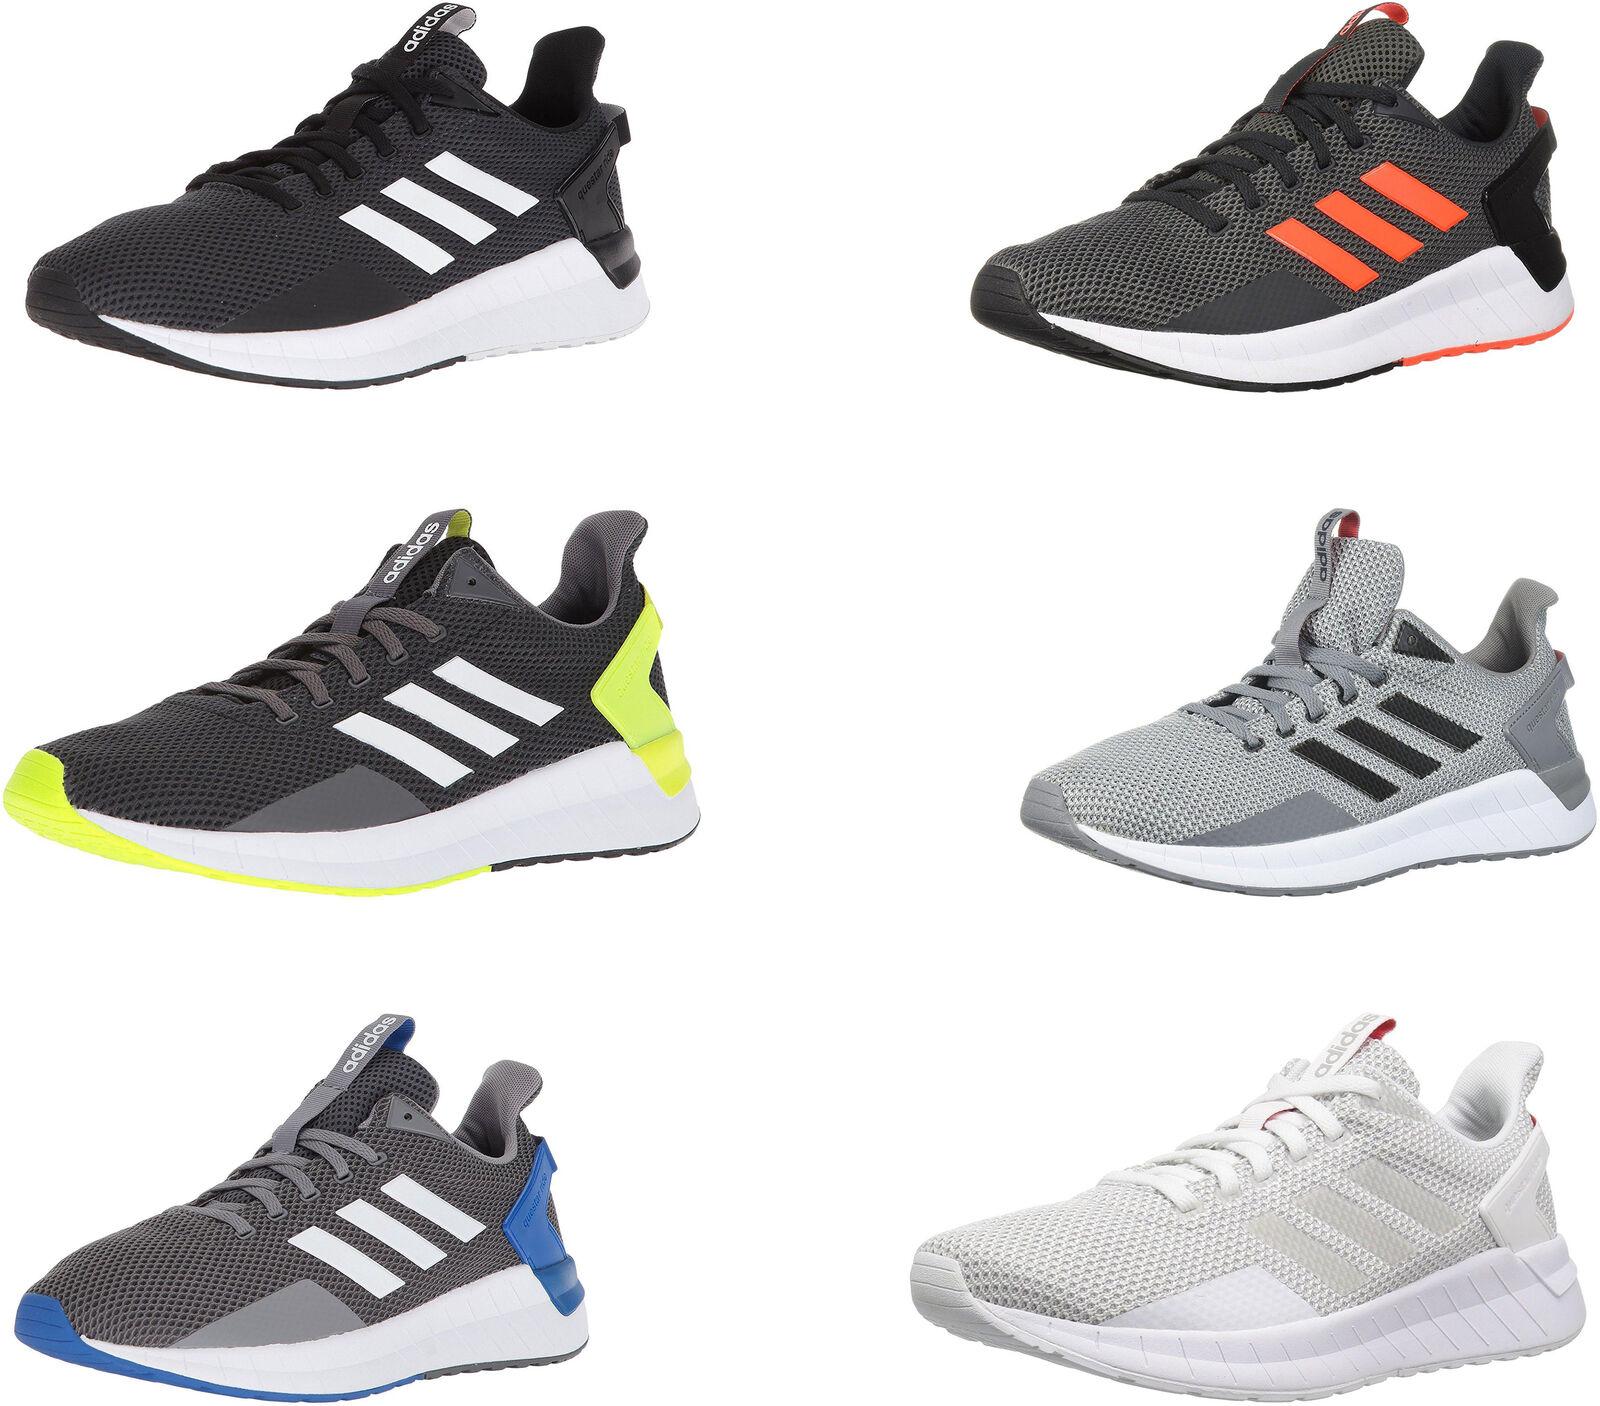 Adidas questar männer questar Adidas fahrt laufschuhe, sechs farben 0fa9d6